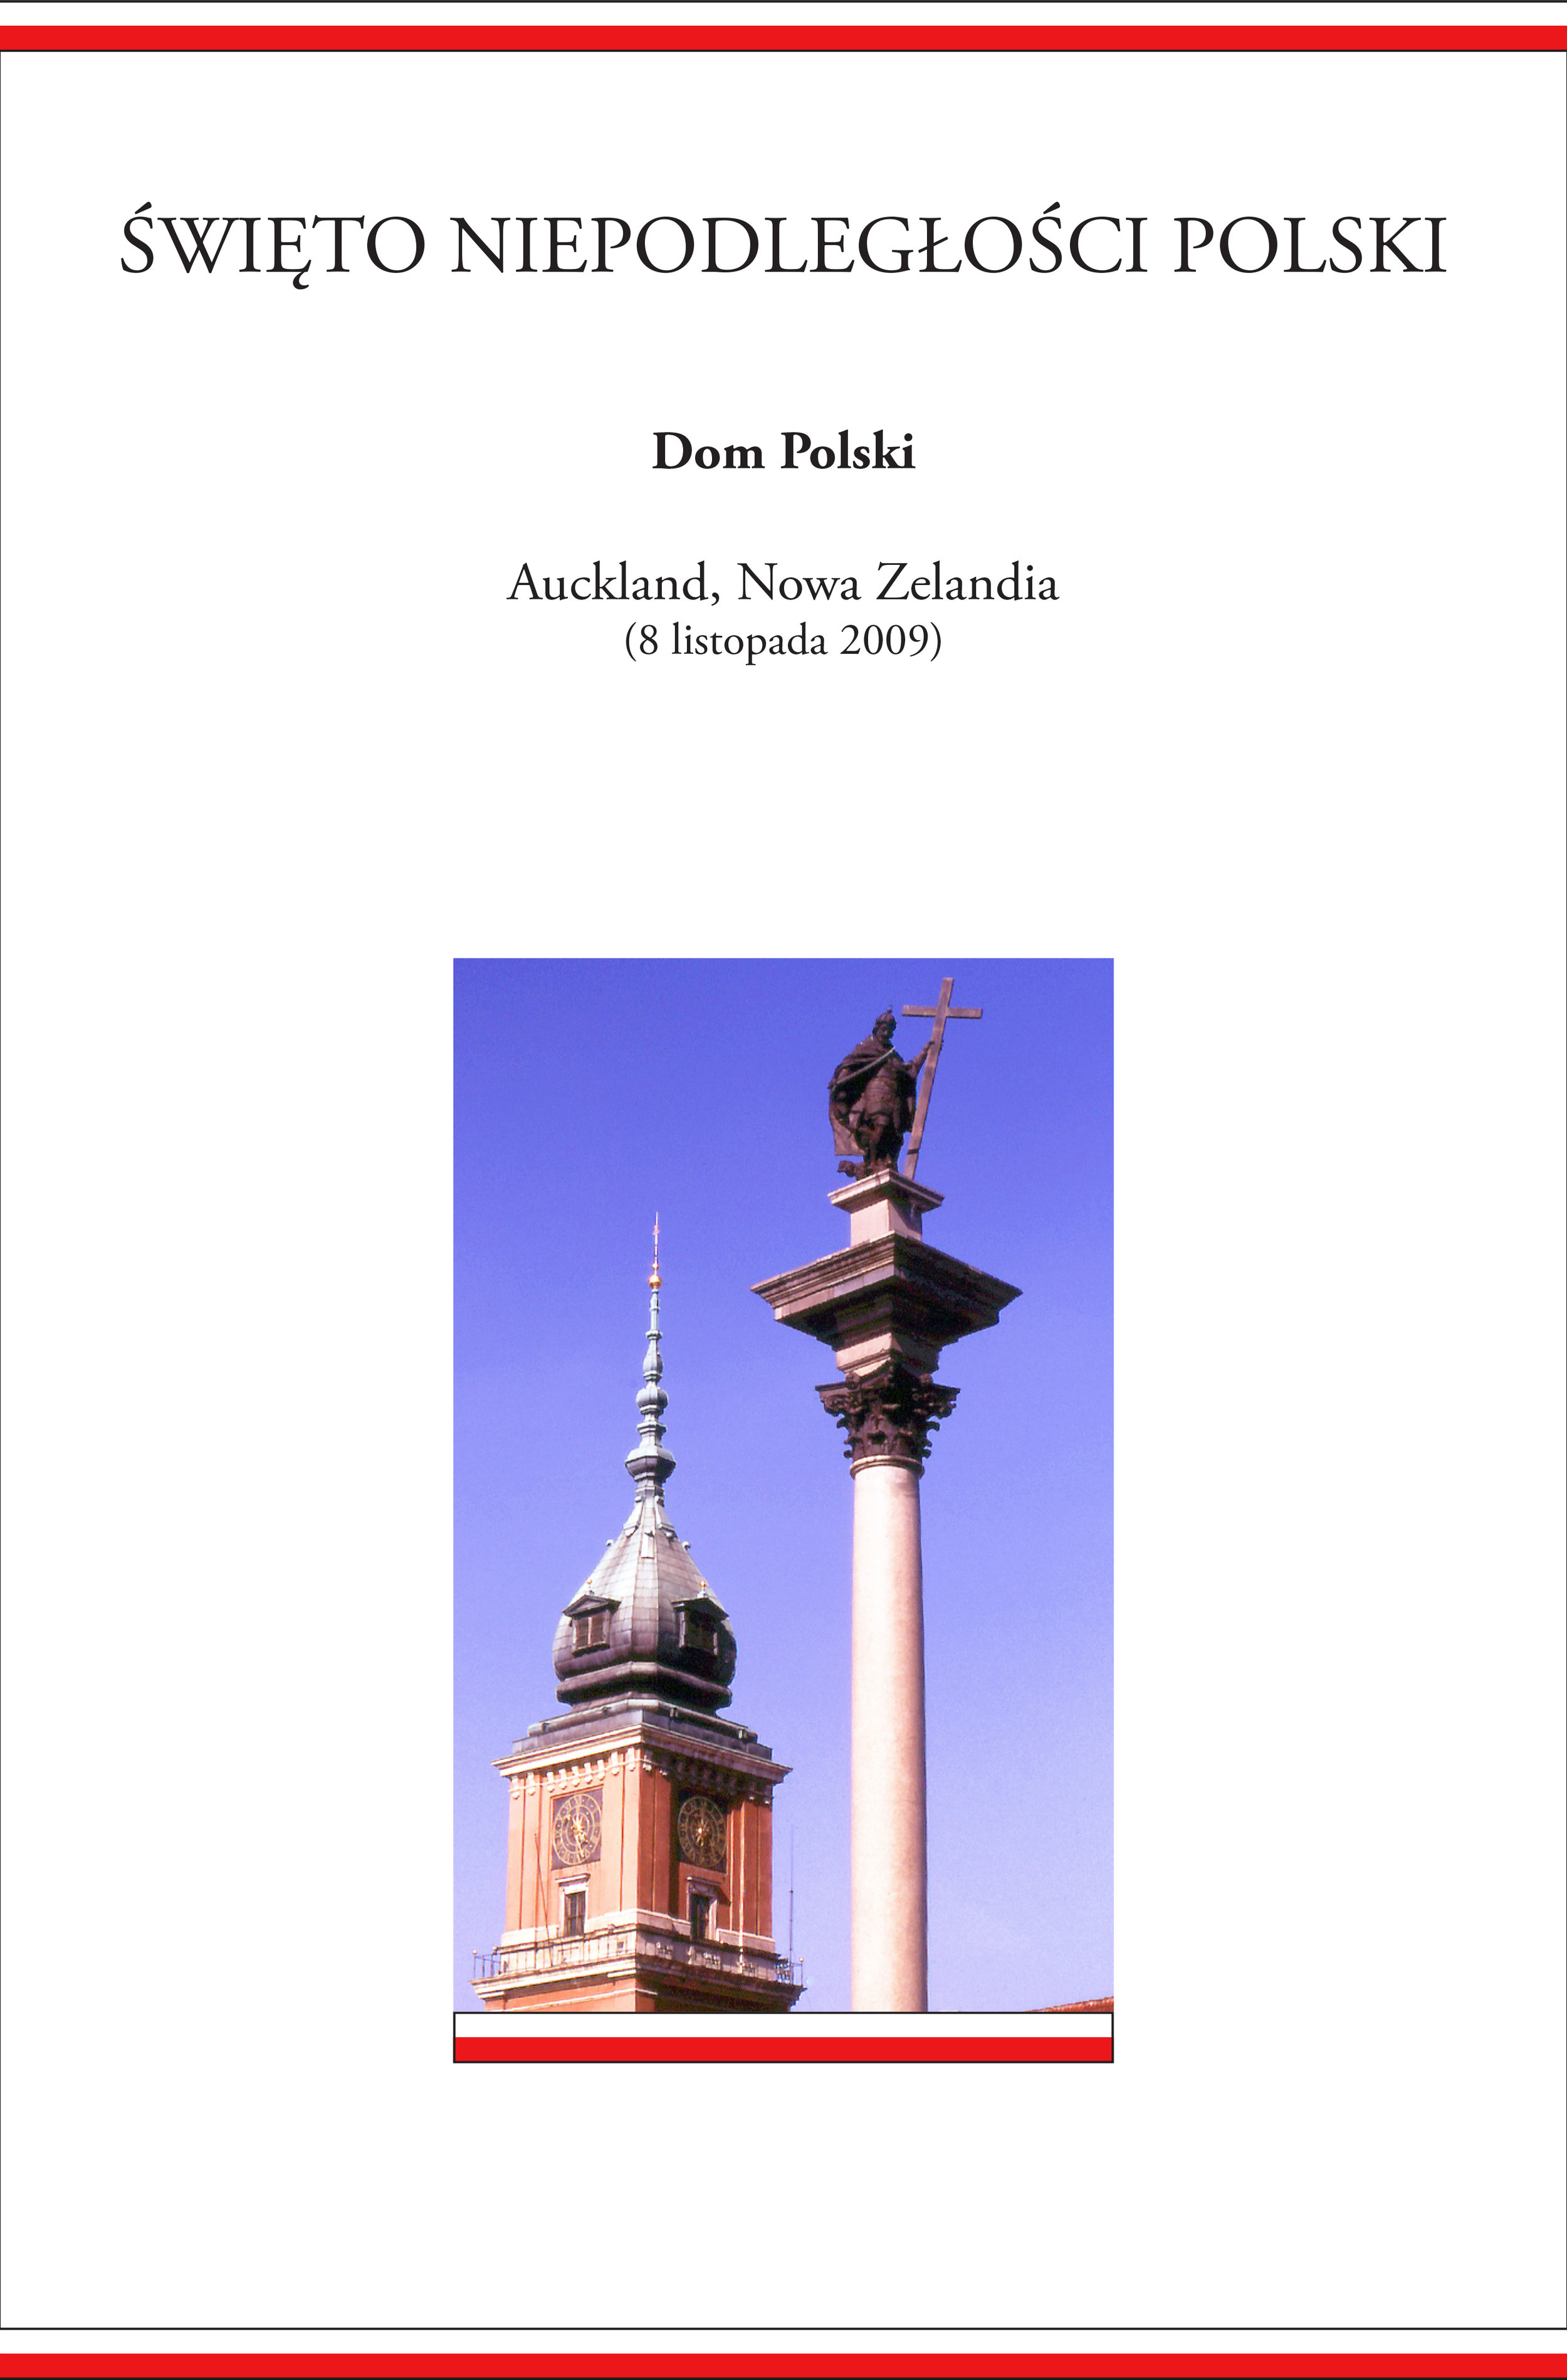 Święto Niepodległości Polski - Auckland New Zealand 2009 - hqp-1.jpg